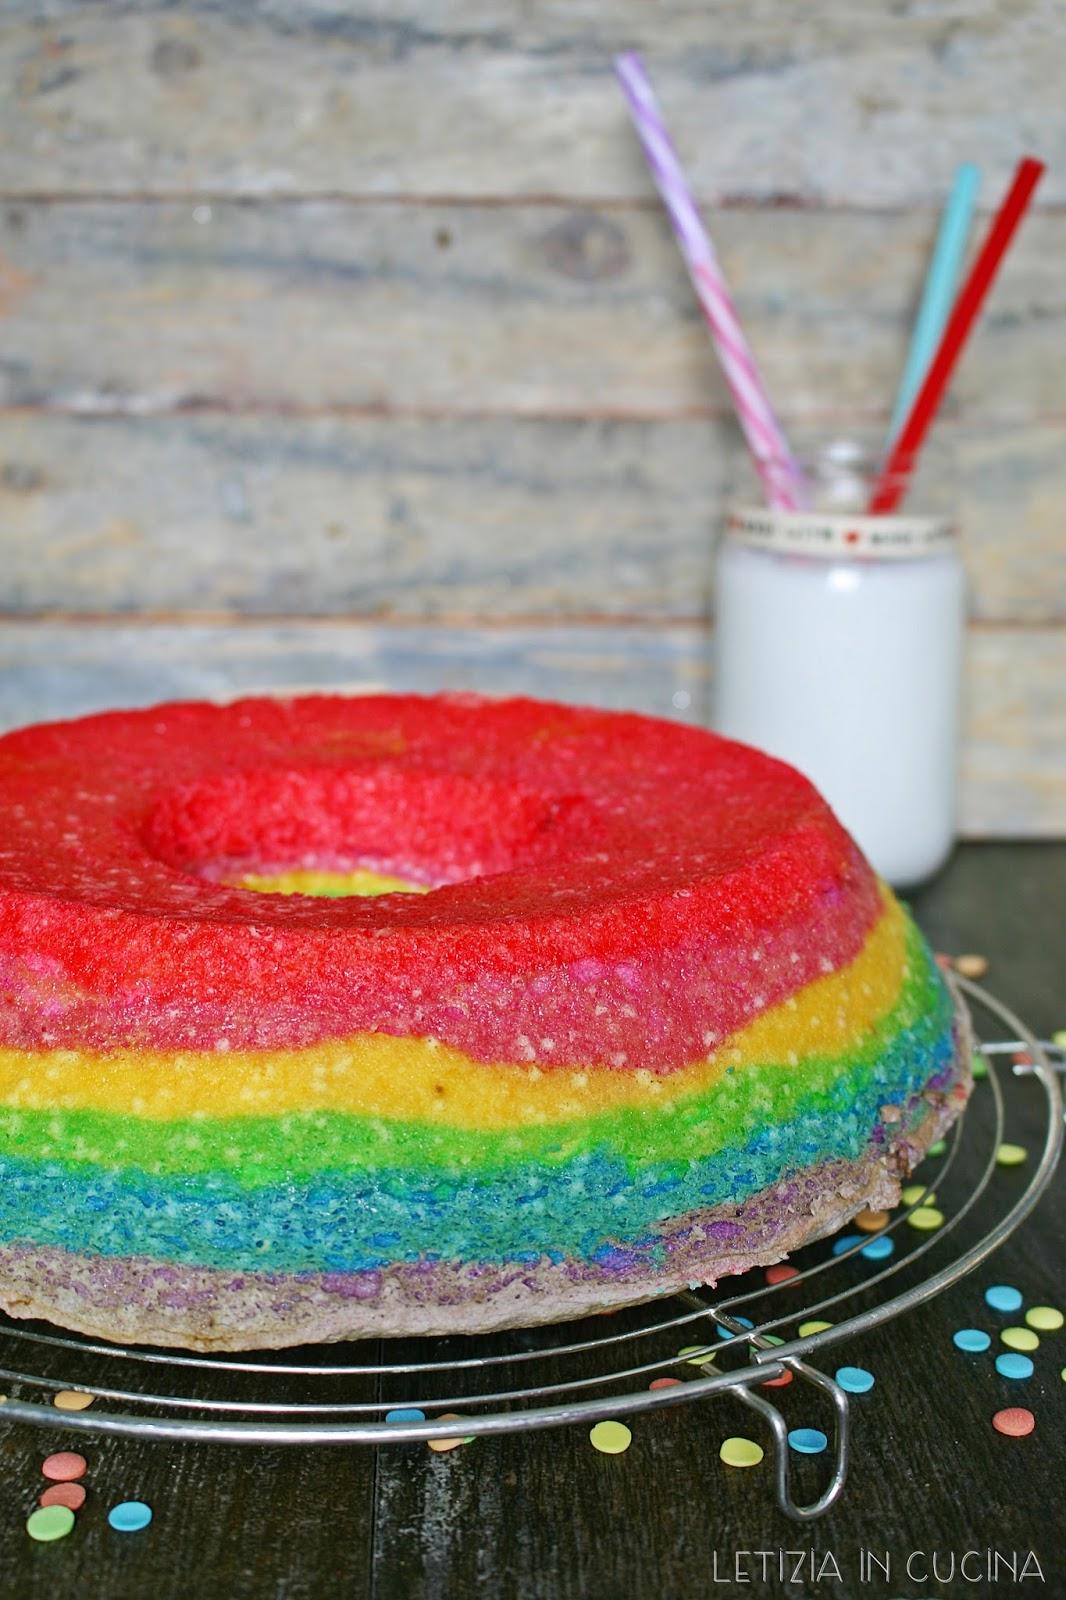 Letizia in Cucina: Ciambellone di Carnevale (Angel Cake)